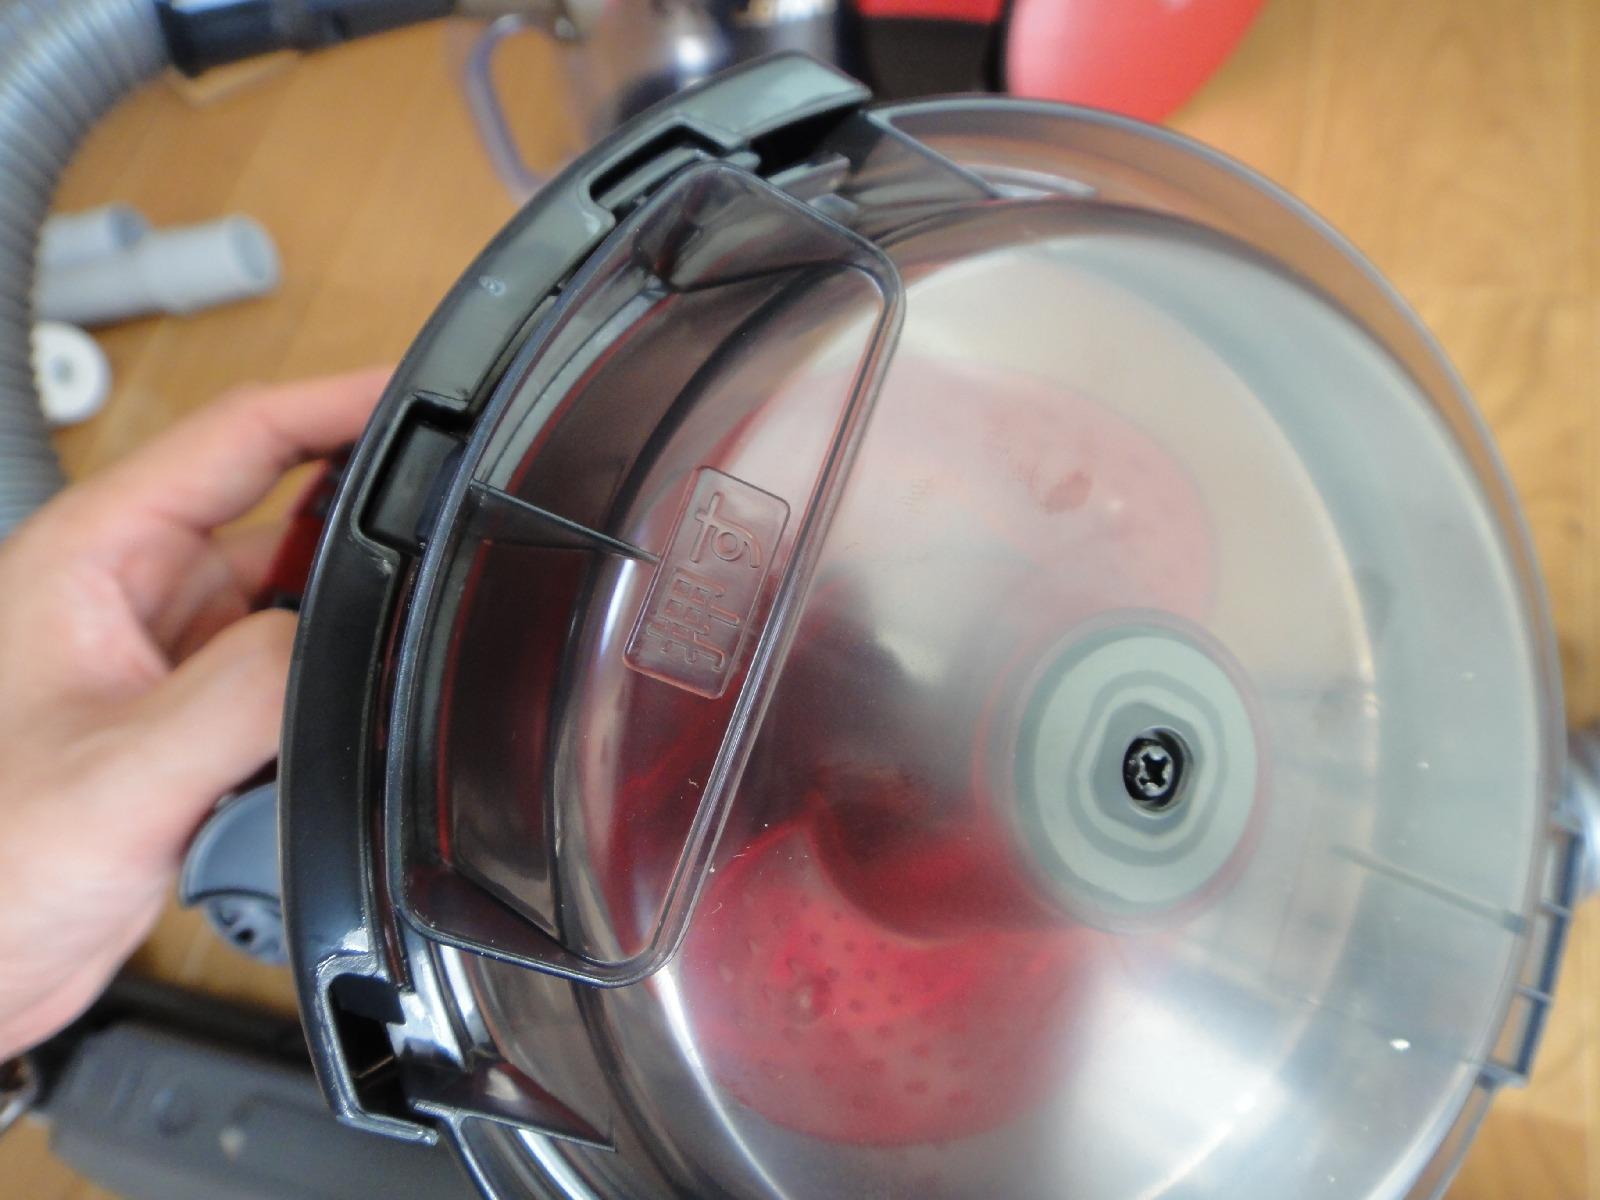 EC-VX300_021.jpg